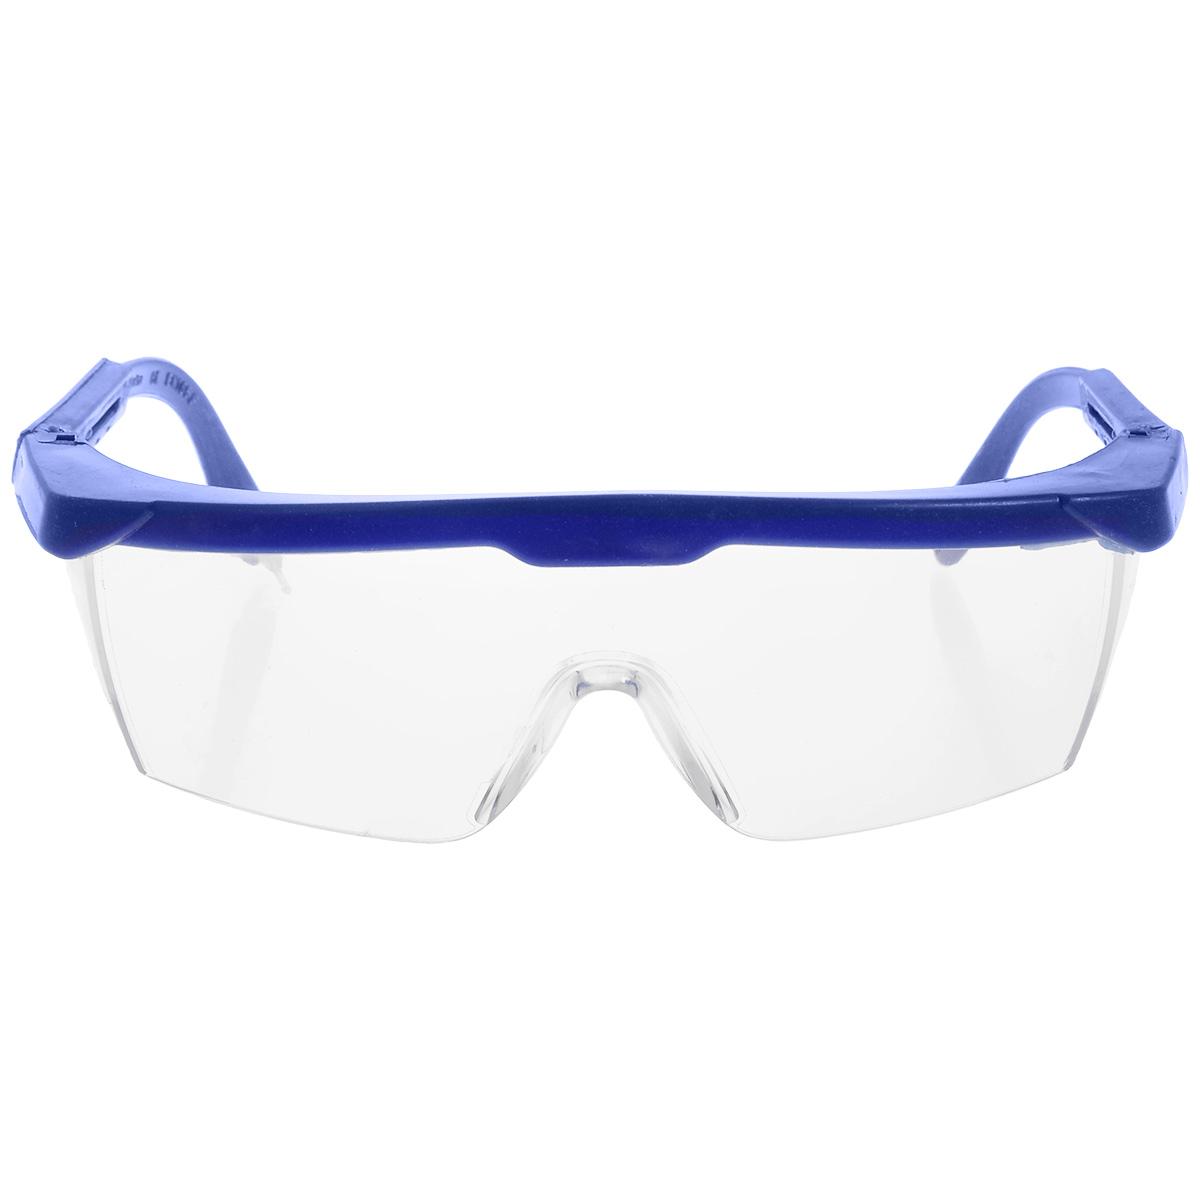 Защитные очки Mioshi Army, для игр с гелевыми шариками аксессуар очки защитные truper t 10813